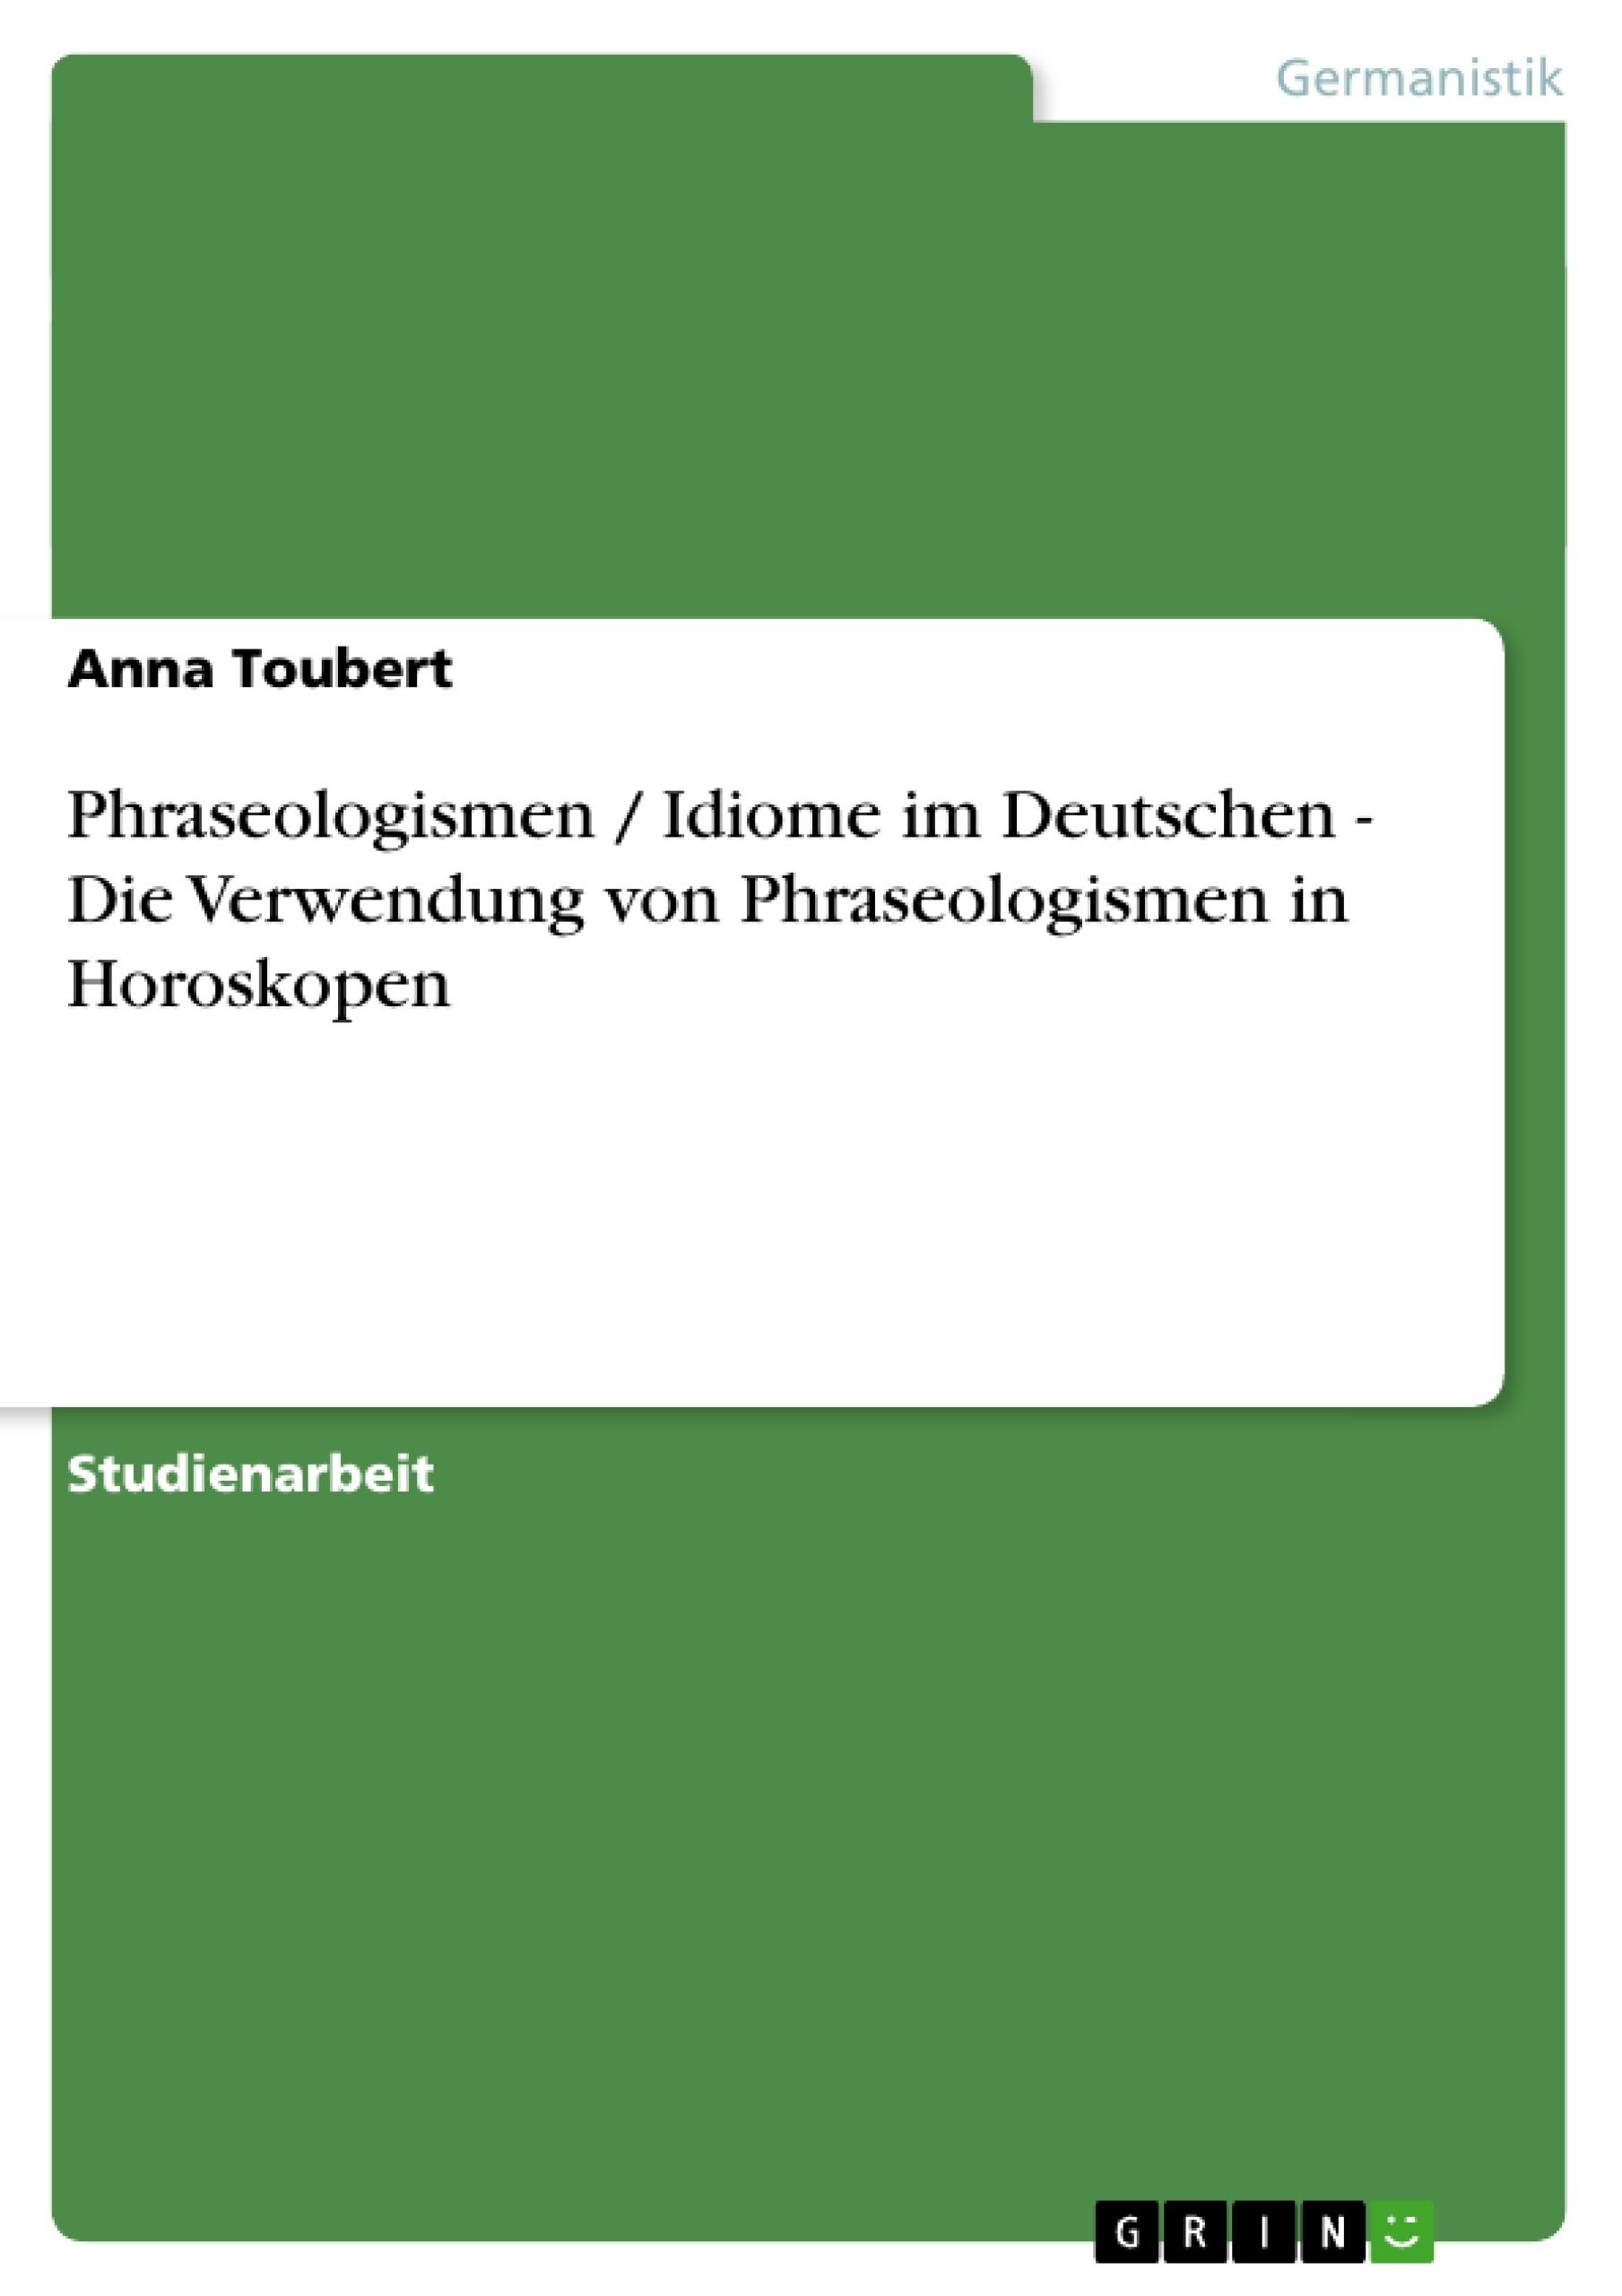 Titel: Phraseologismen / Idiome im Deutschen - Die Verwendung von Phraseologismen in Horoskopen